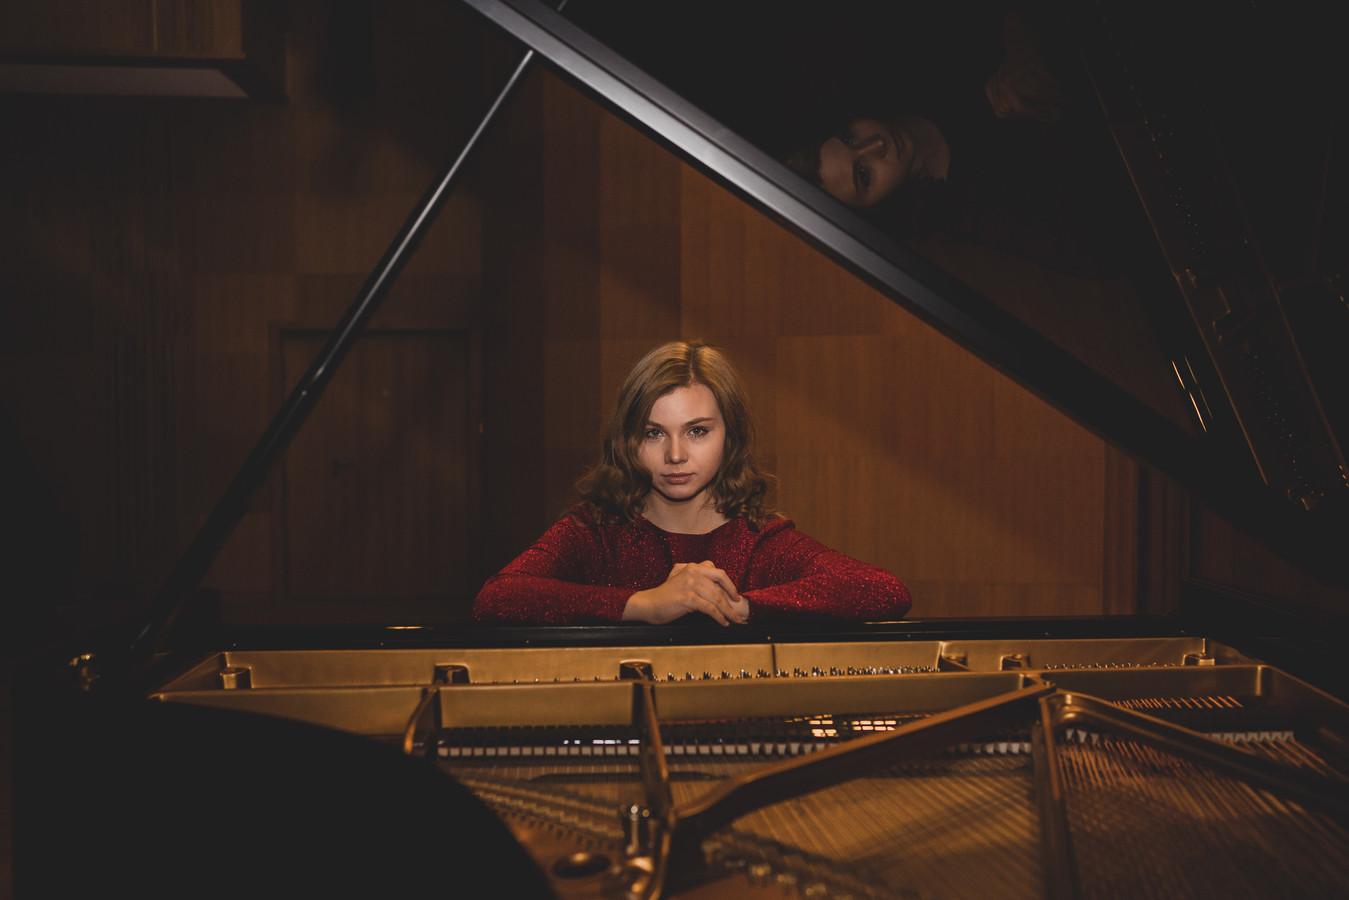 De Poolse Kamila Sacharzewska is één van de prominente deelnemers.